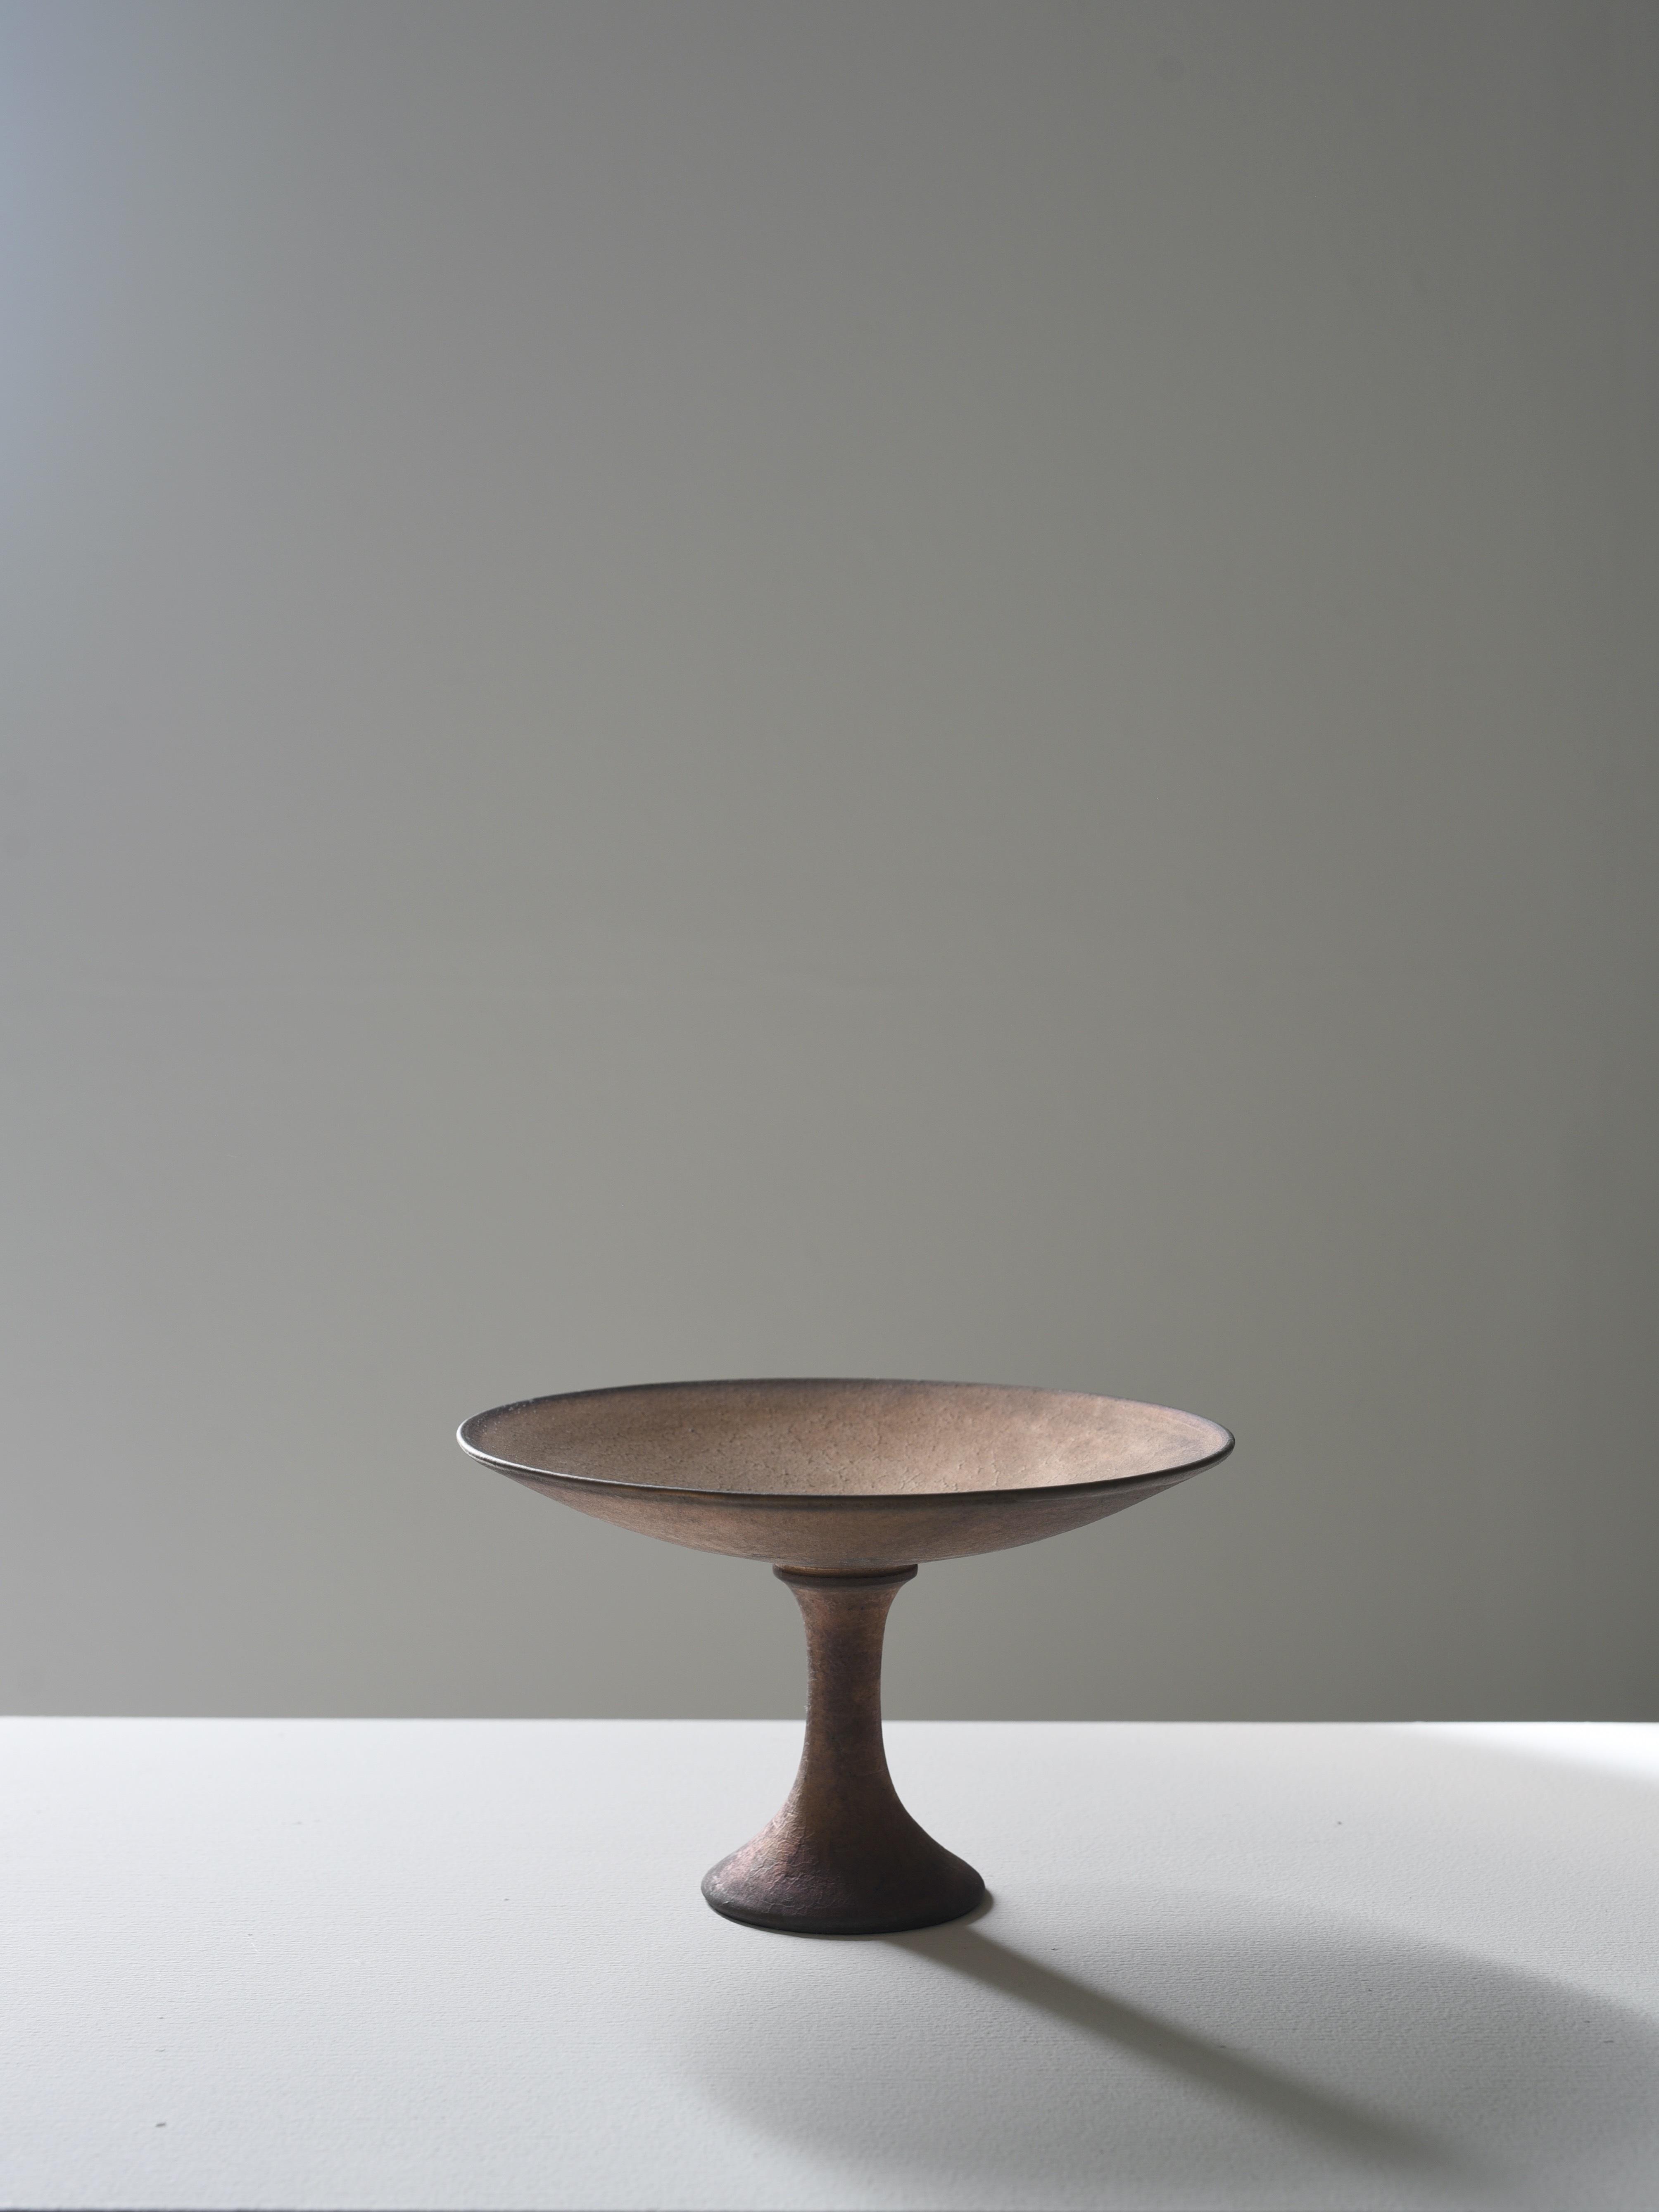 瀬川辰馬|硫化銀彩コンポート ゴールド